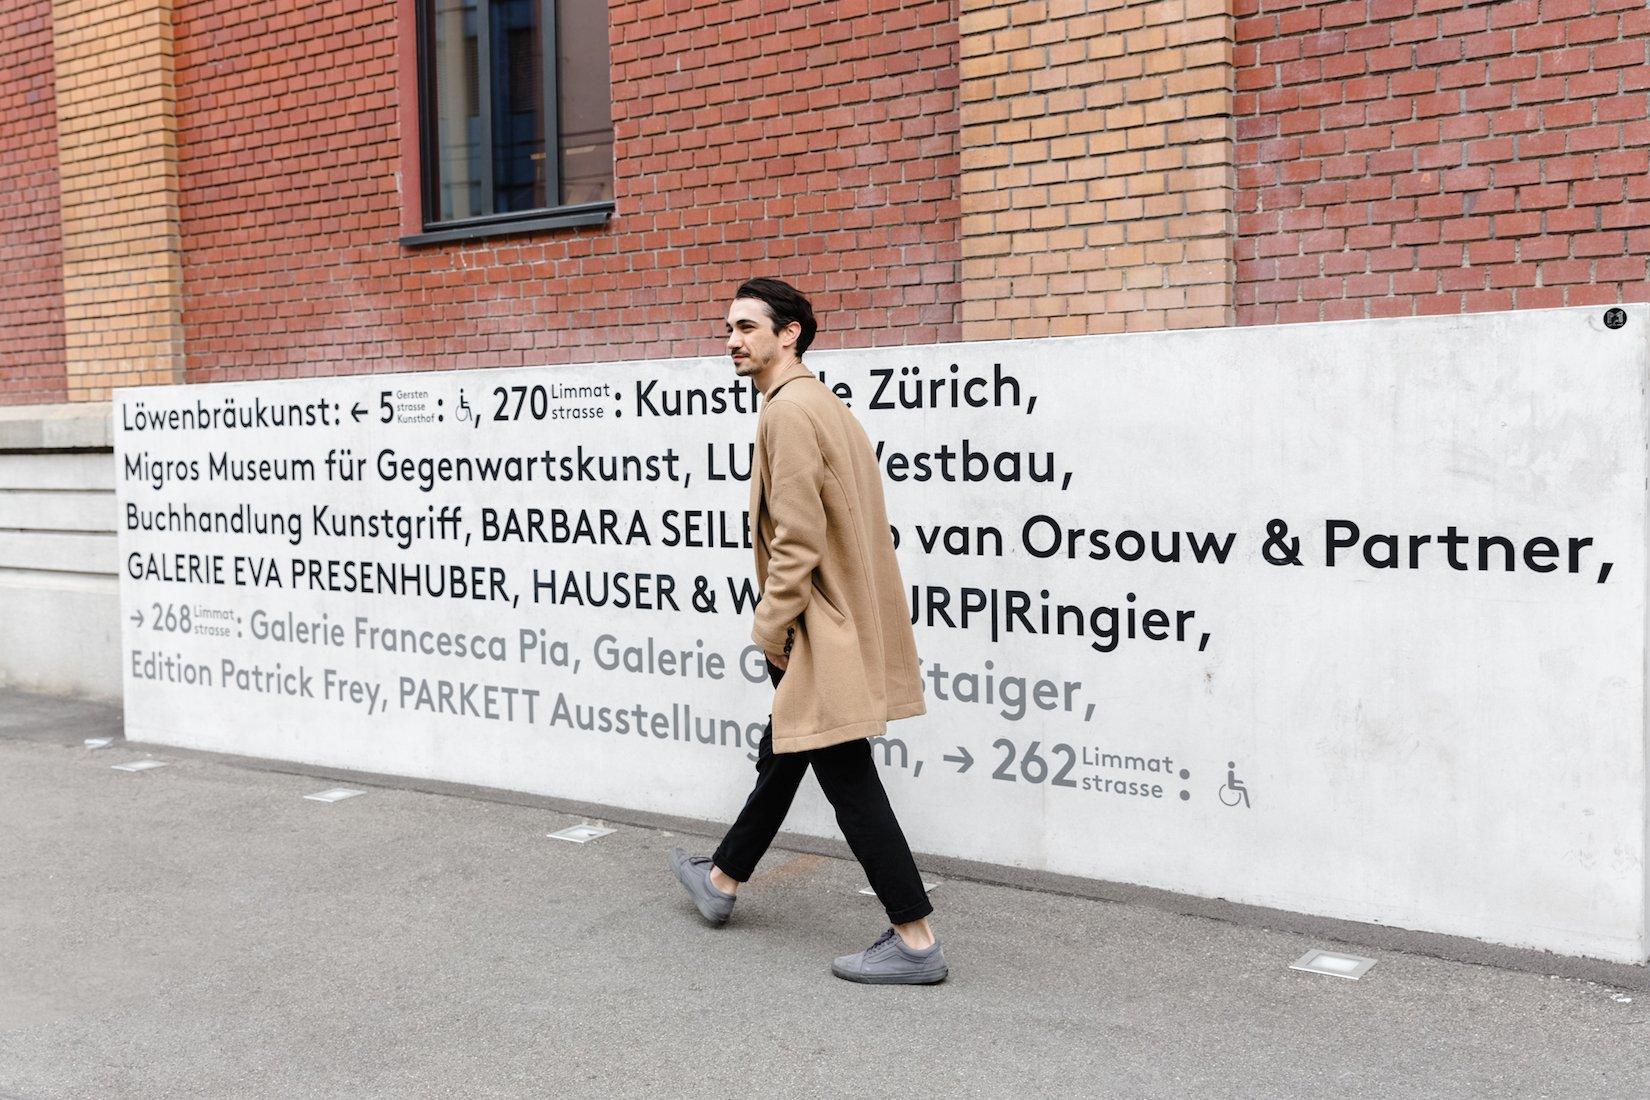 places_zurich_philippdornbierer_08